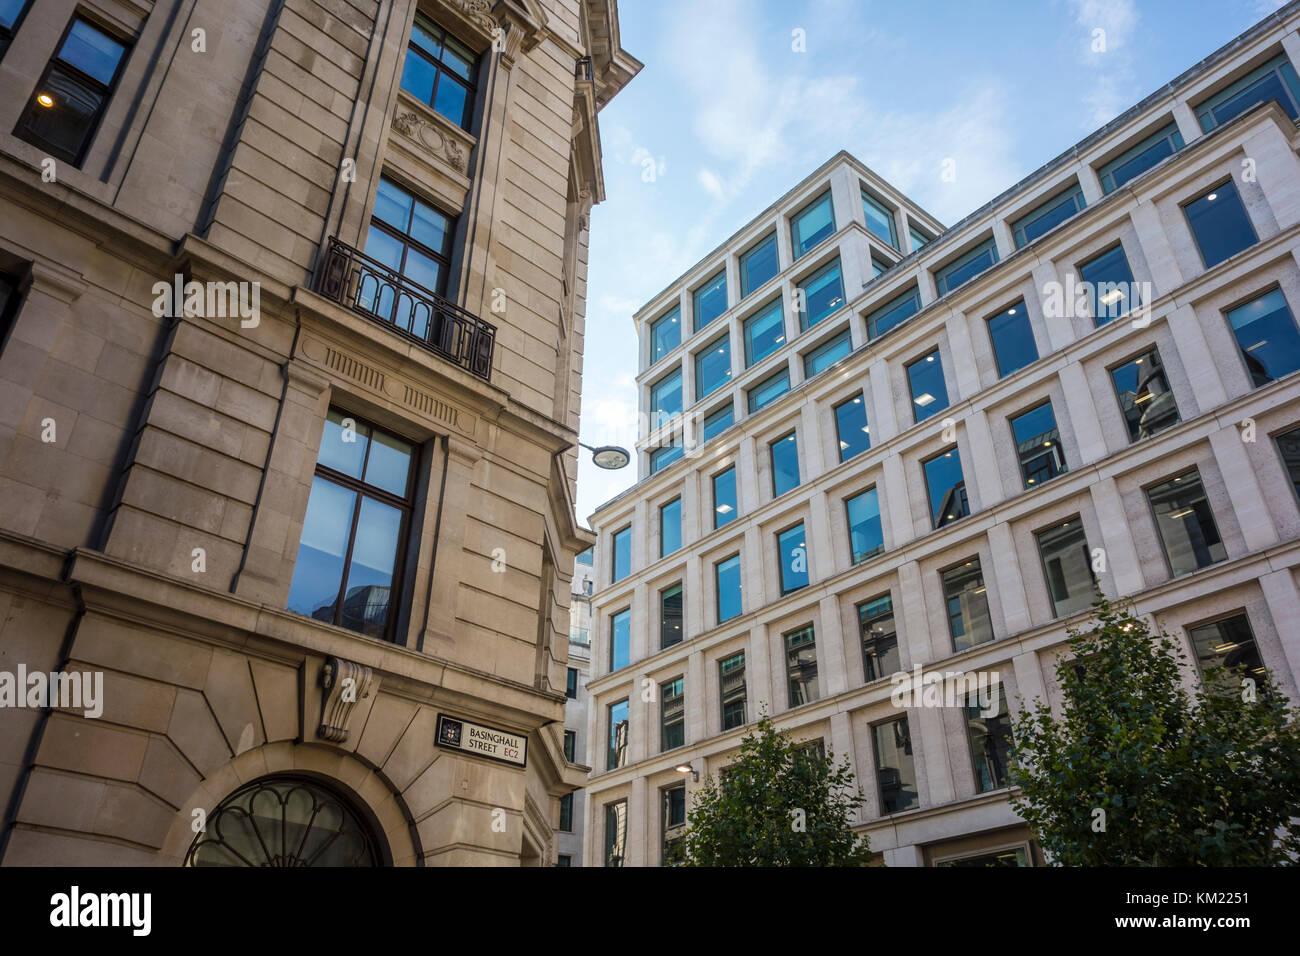 Edifici per uffici nell'angolo di Basinghall Street e Gresham Street, City of London, Regno Unito Immagini Stock